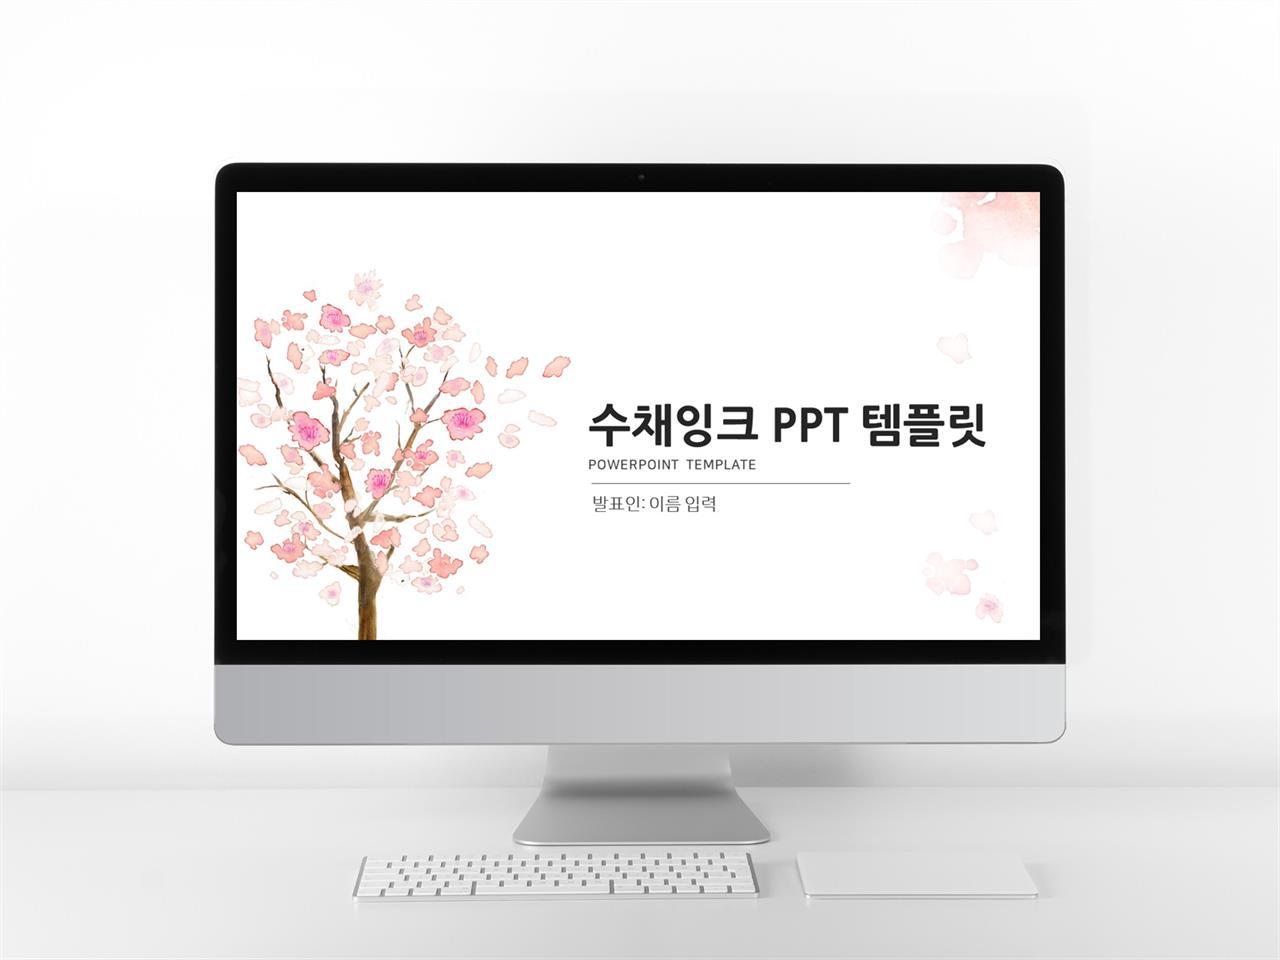 화초주제 분홍색 잉크느낌 마음을 사로잡는 PPT샘플 다운 미리보기